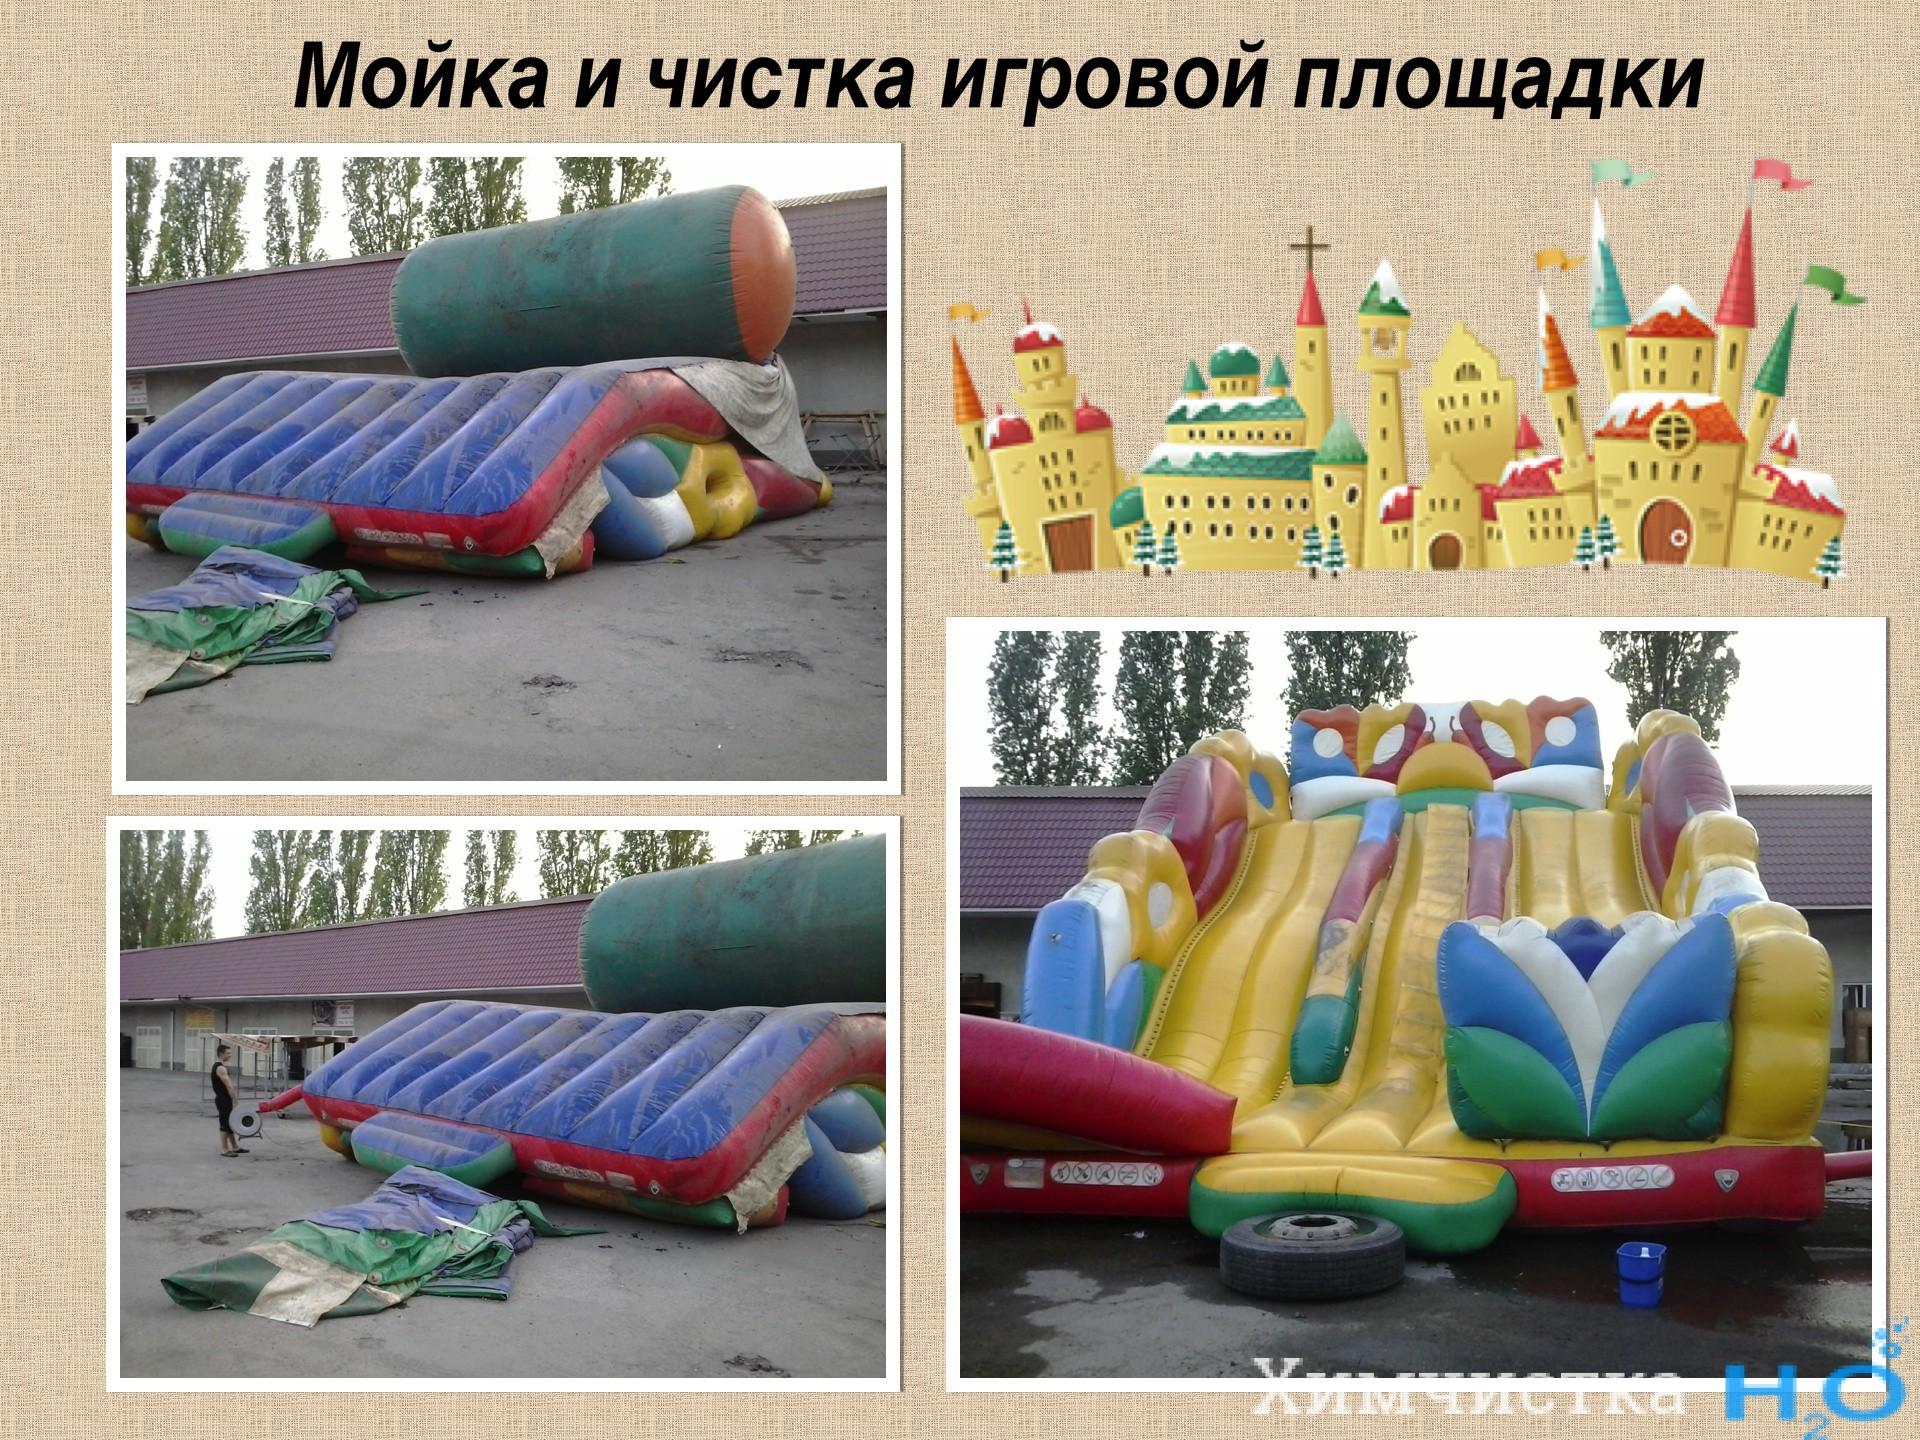 Генеральная мойка игровой площадки в Одессе